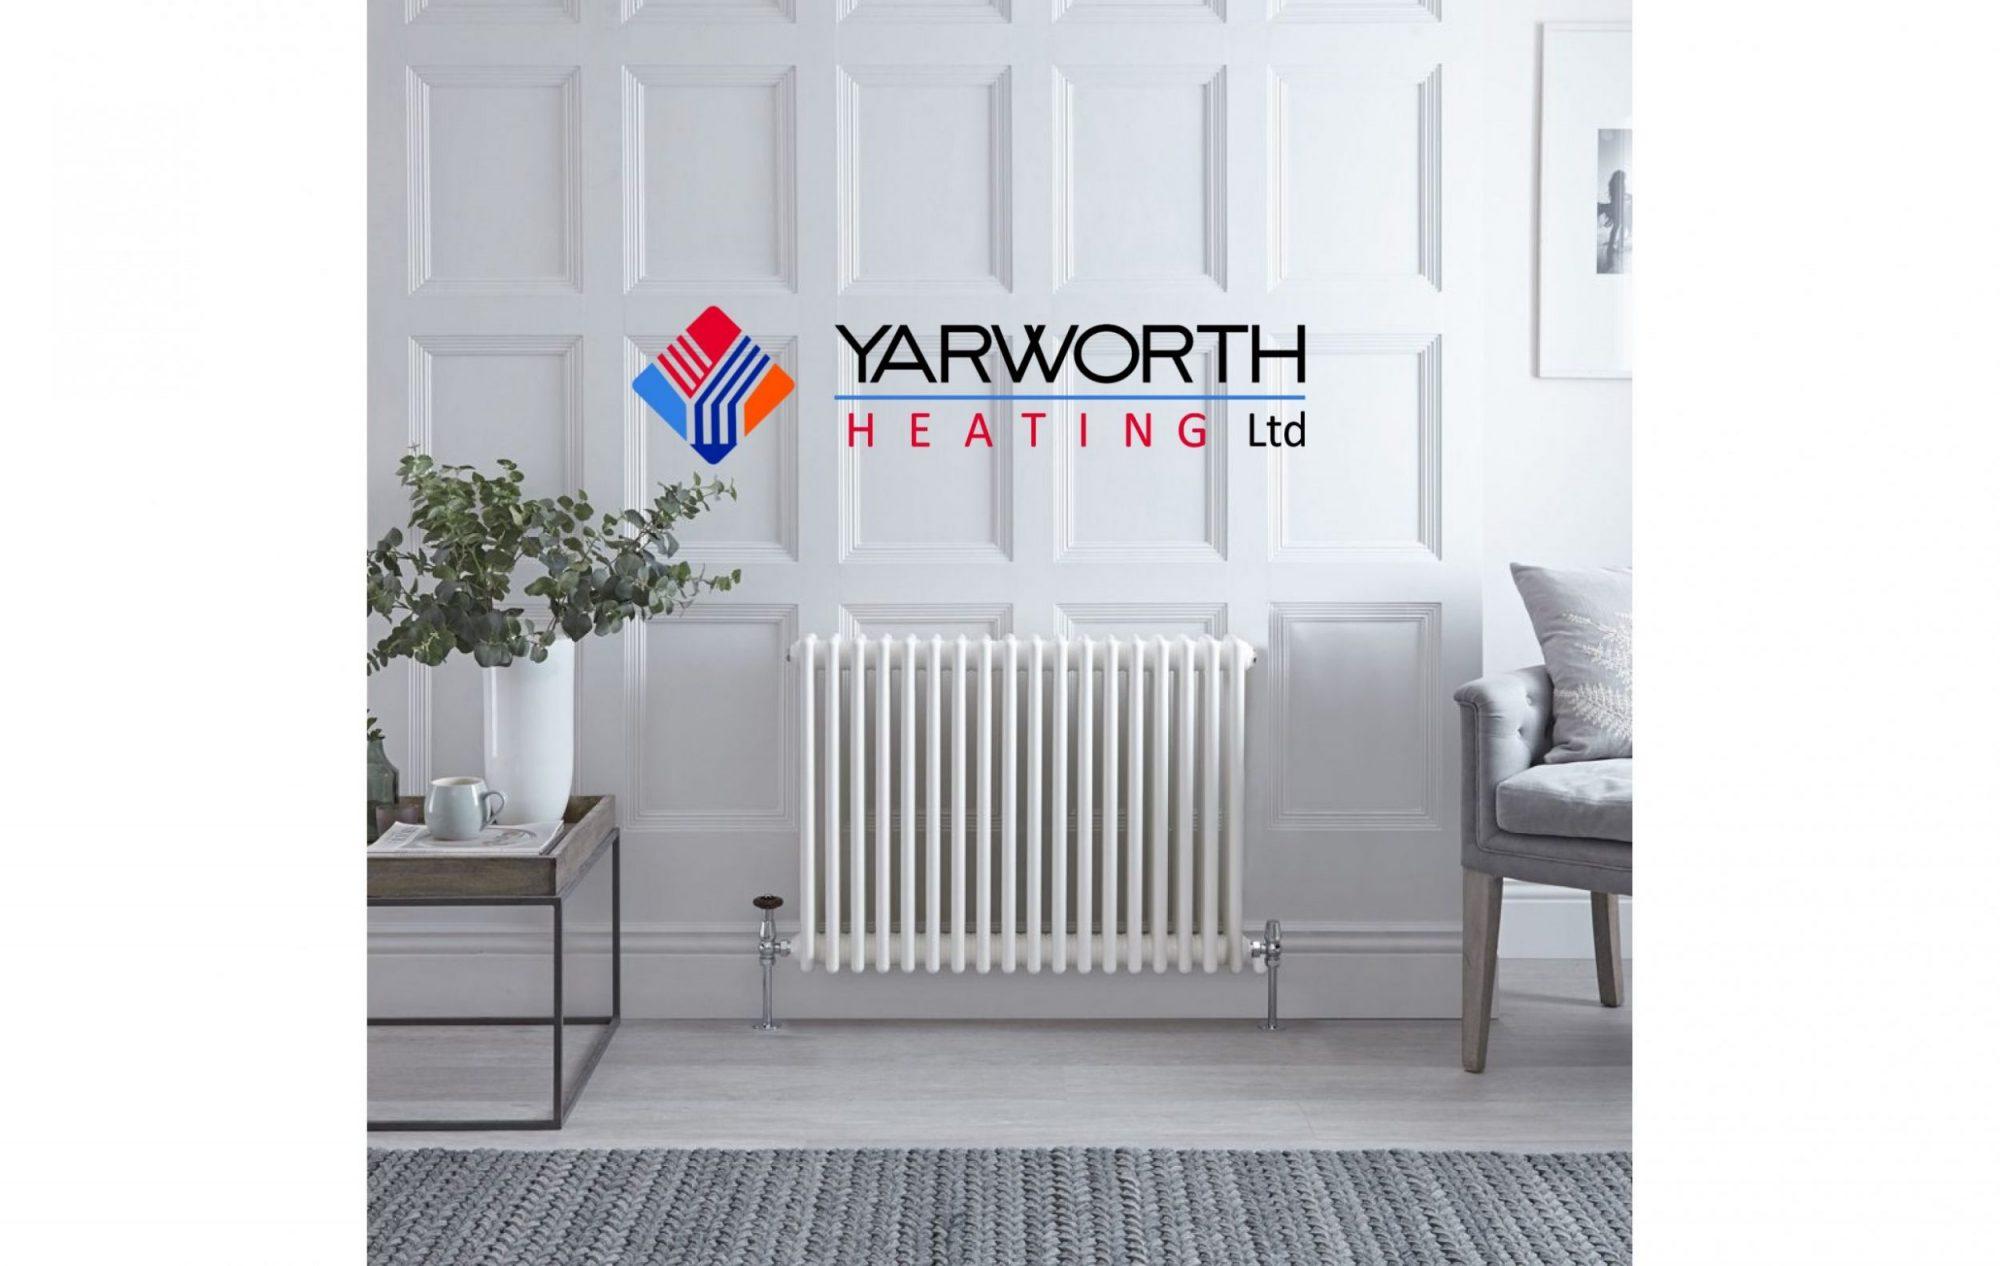 Yarworth Heating Ltd